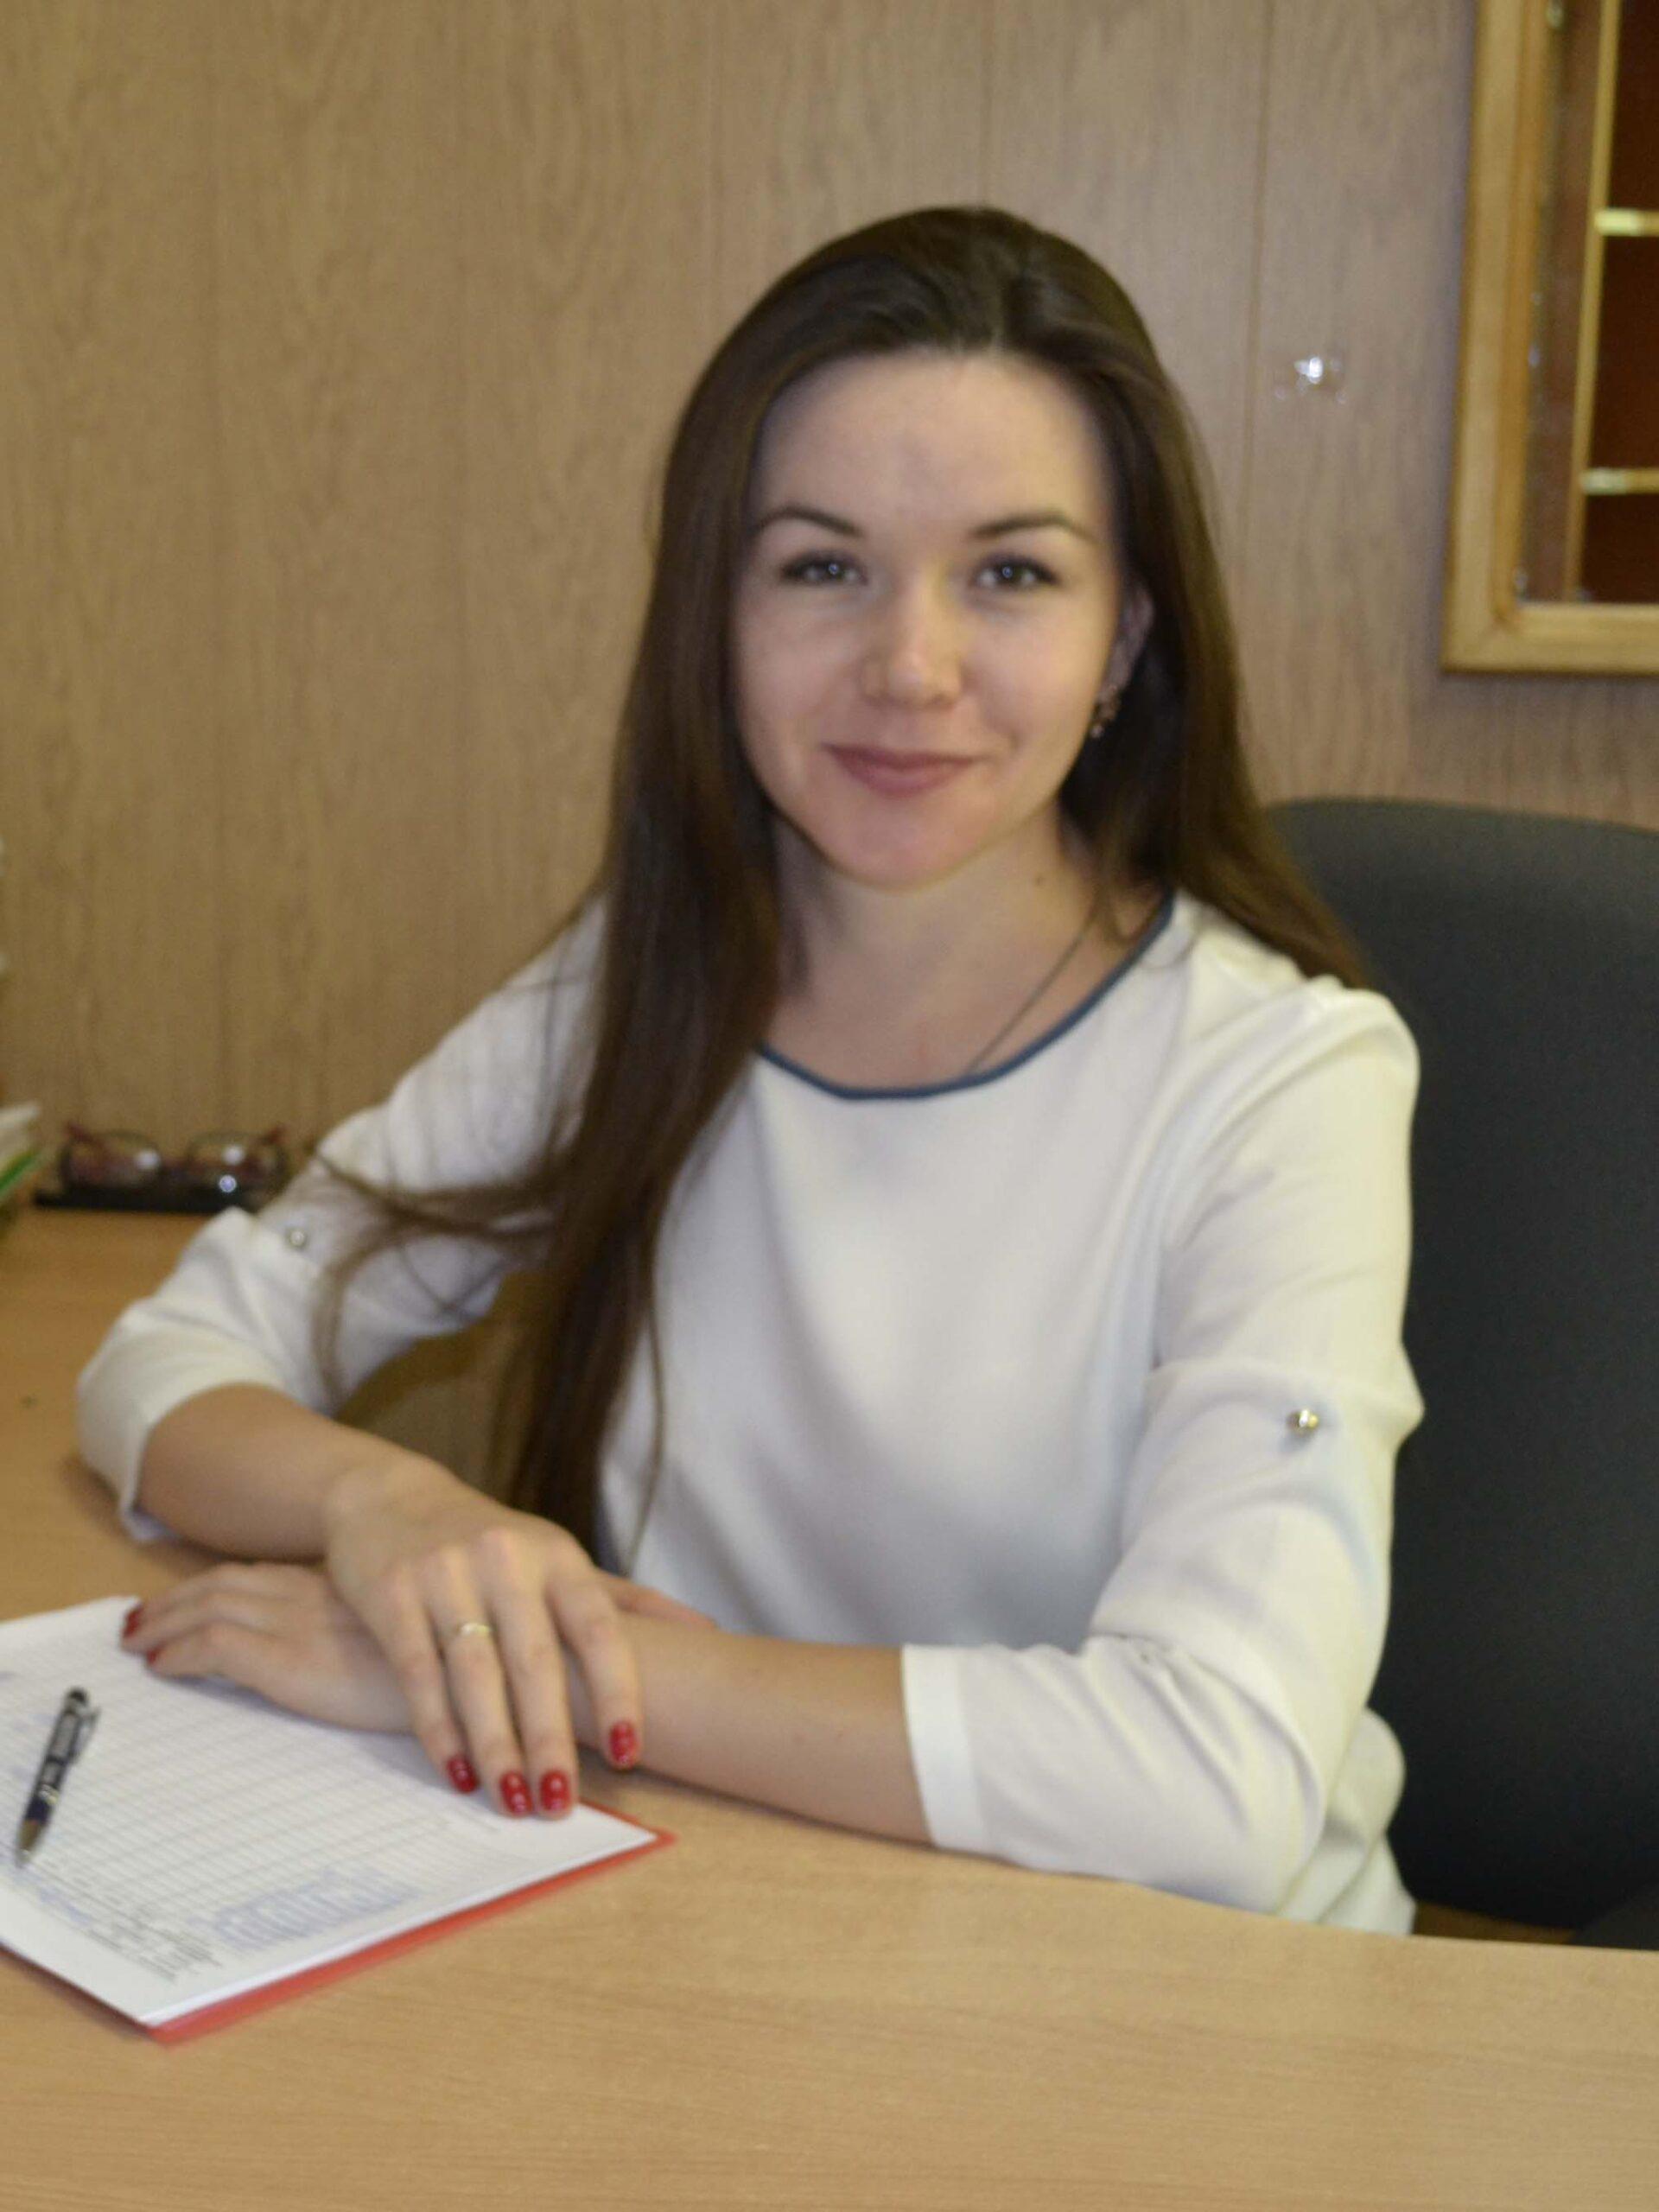 Австрицкая Виктория Геннадьевна